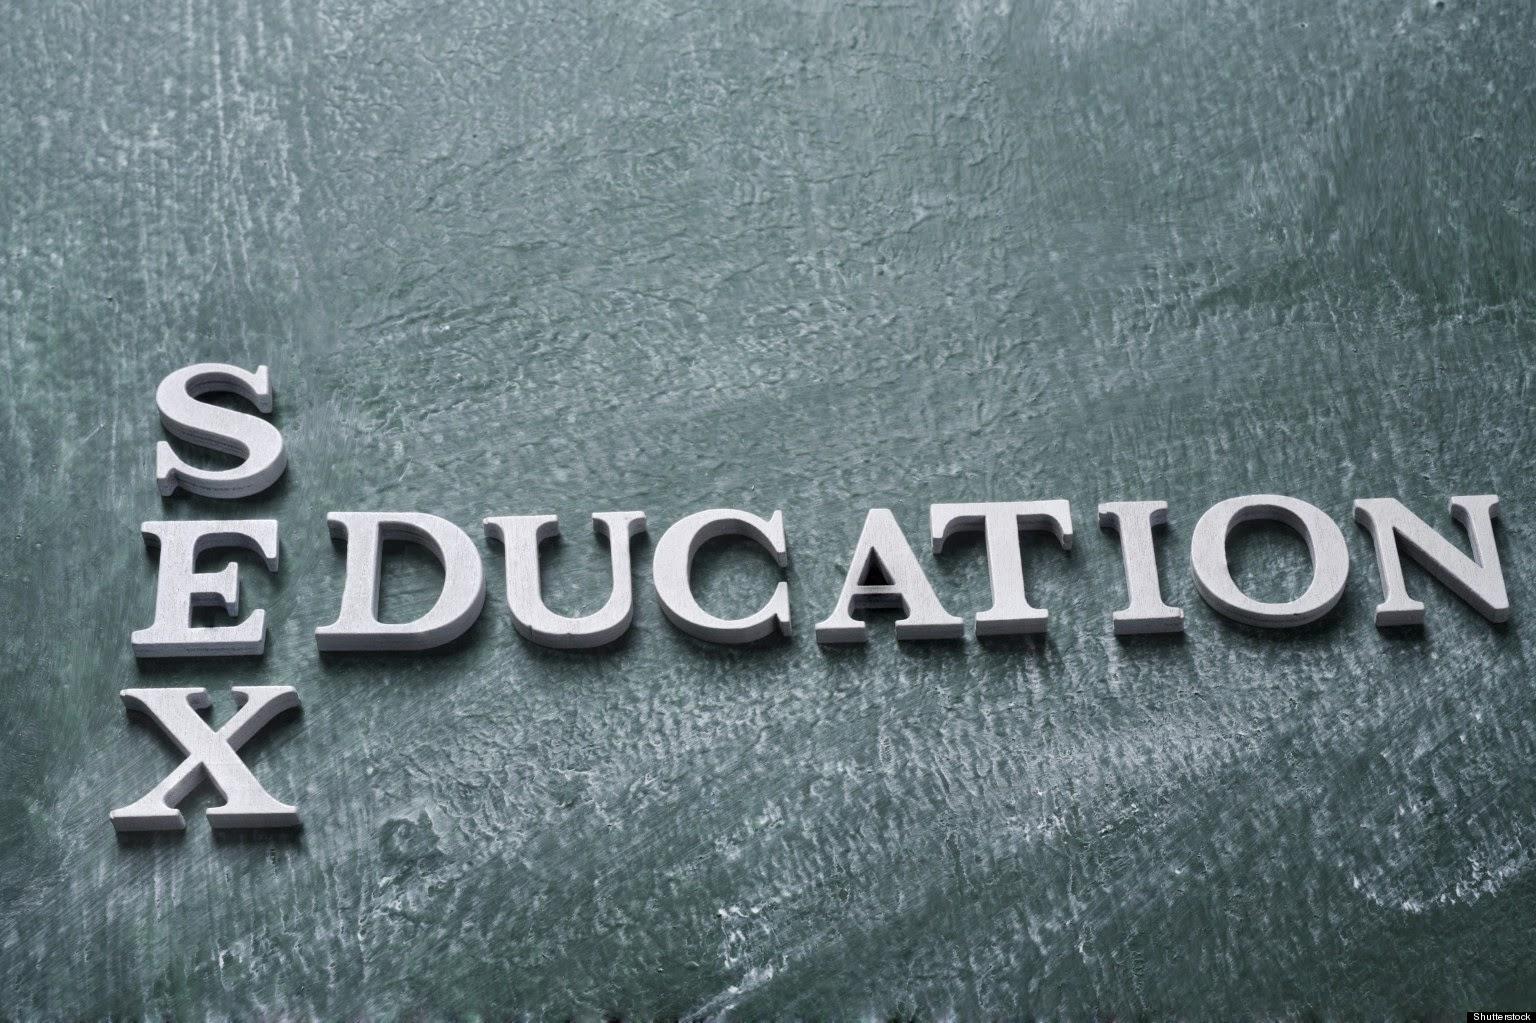 Pendidikan Seks Apa Yang Anda Perlu Dijawab